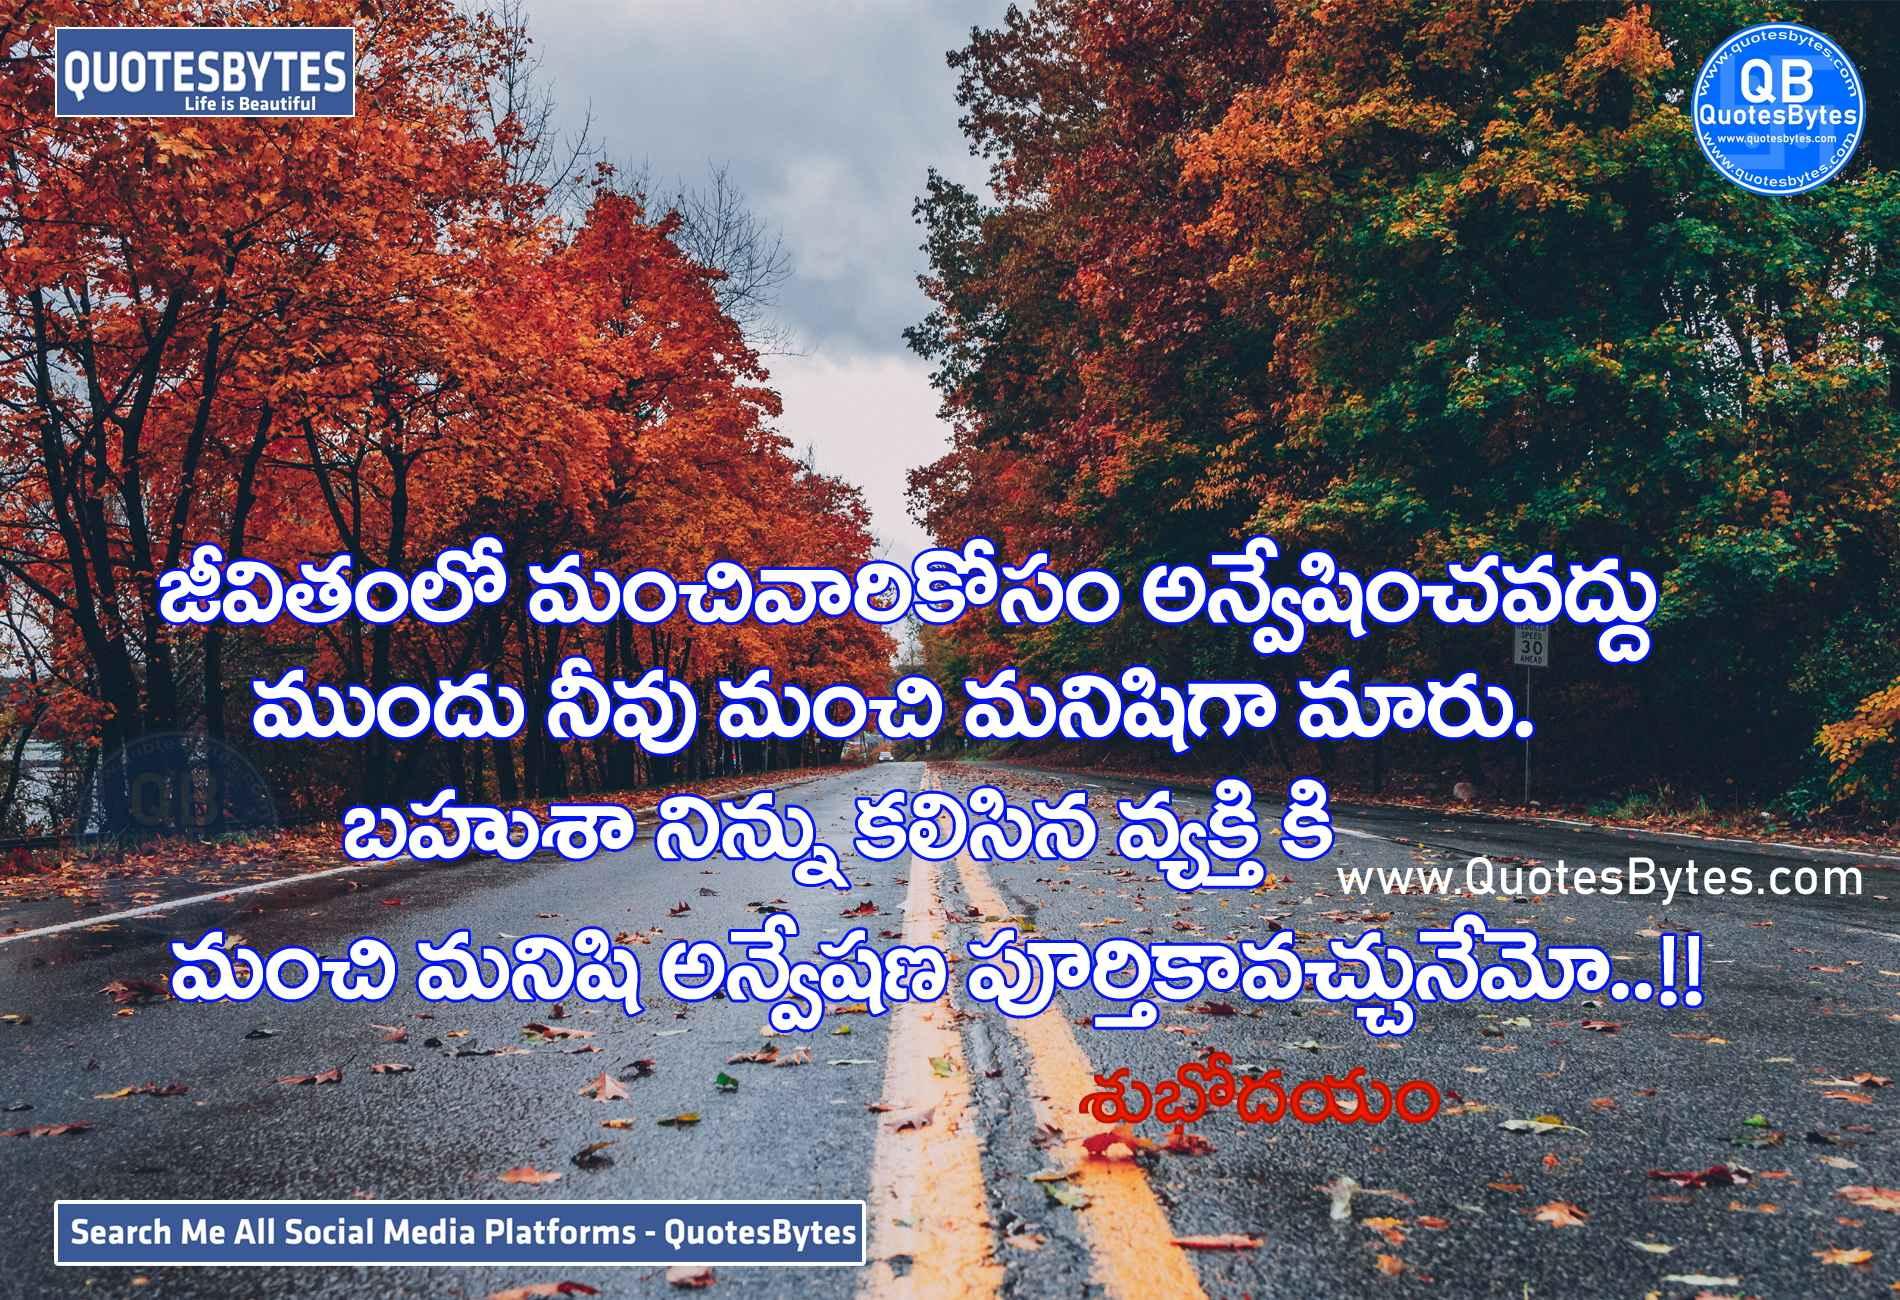 good morning images in telugu-Image of Telugu Good Morning Images